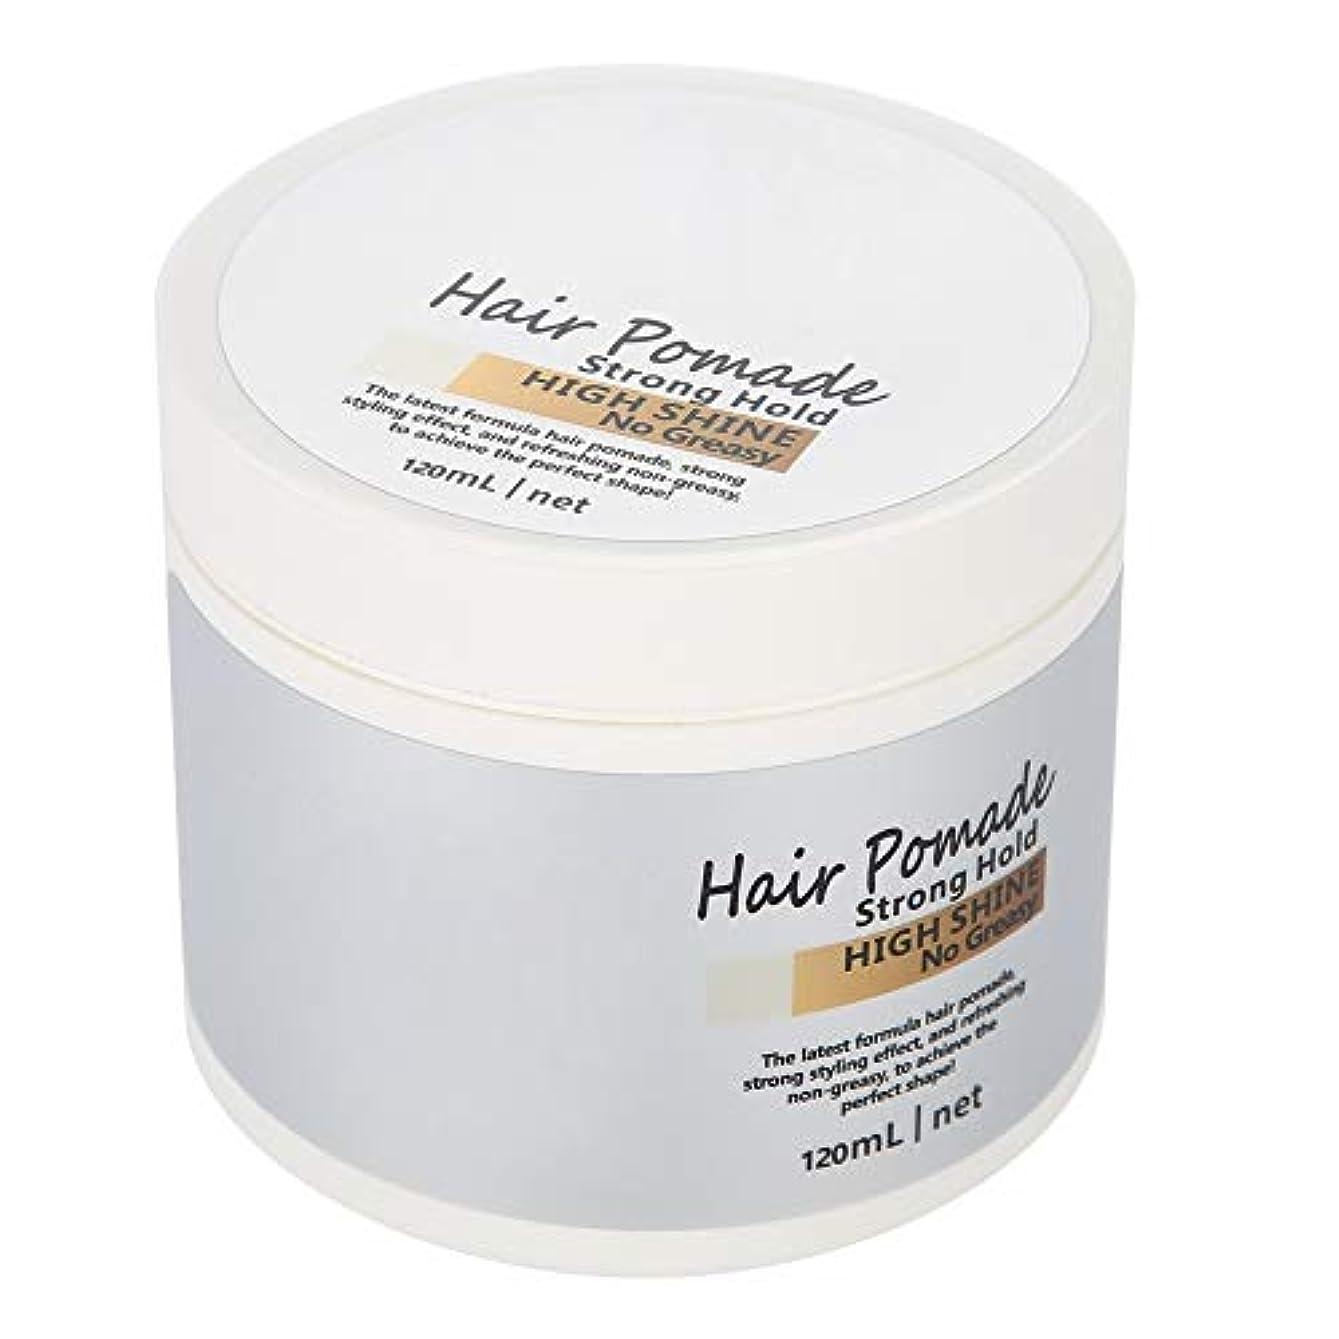 敗北システムマウスピースヘアワックス、ファッション男性の光沢のあるヘアスタイリングクレイハイストロングホールドモデリングヘアポマードワックスレトロヘアスタイル120ミリリットルを作成する